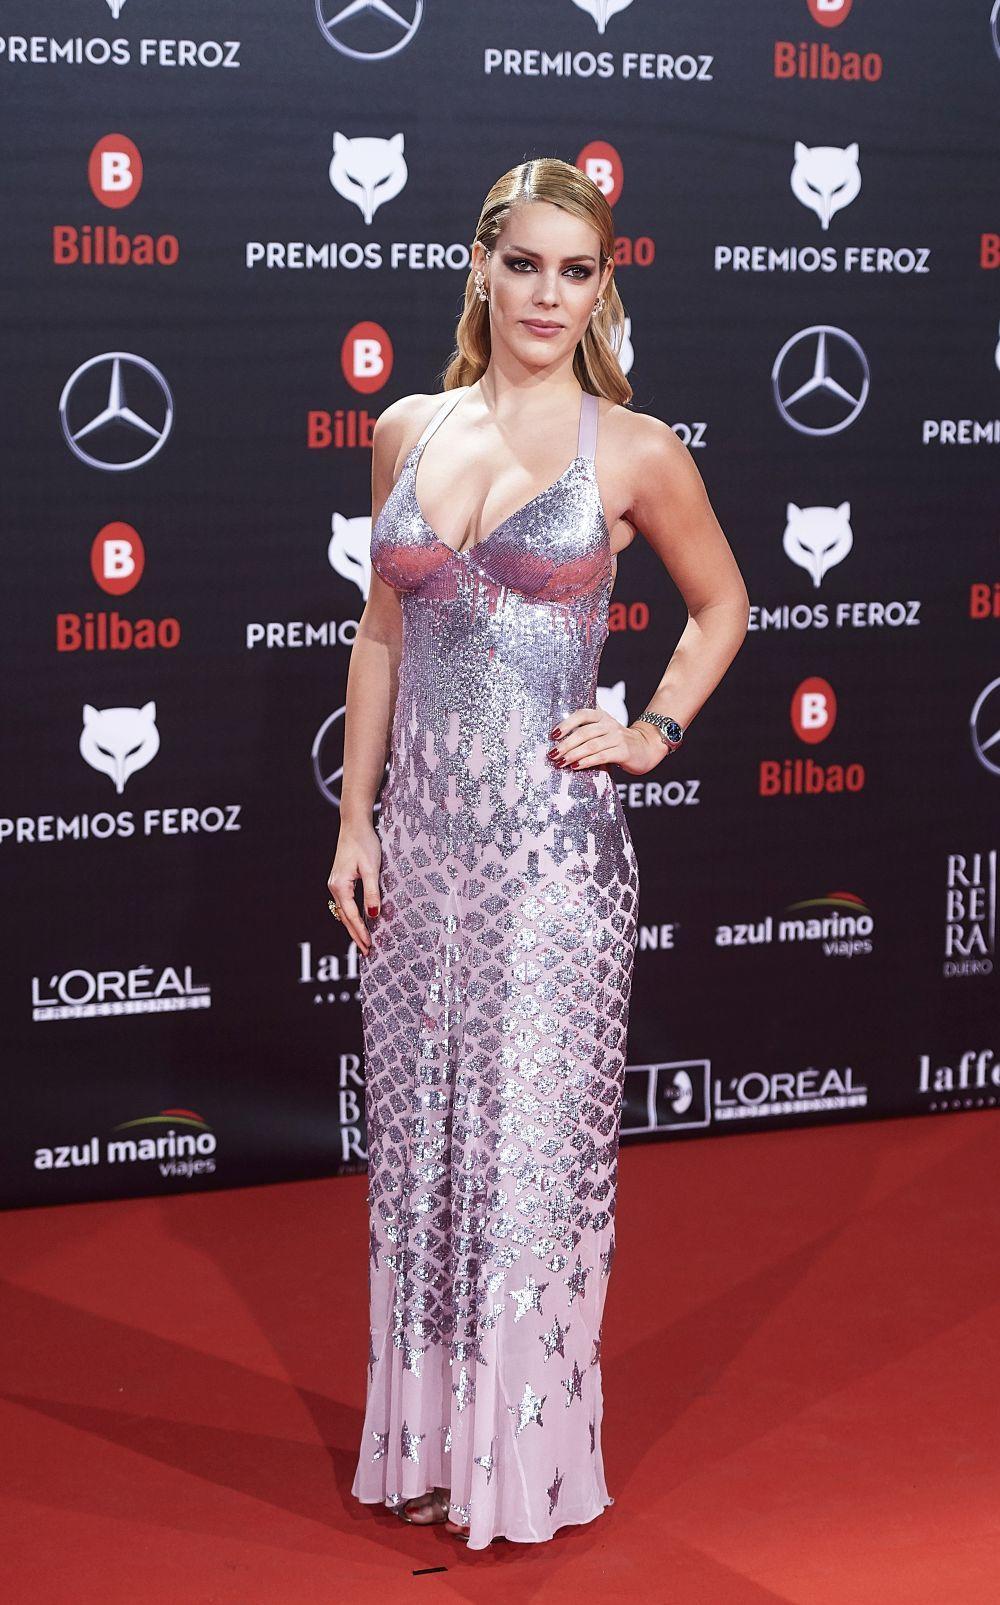 El look de Alejandra Onieva en los Premios Feroz de 2019.